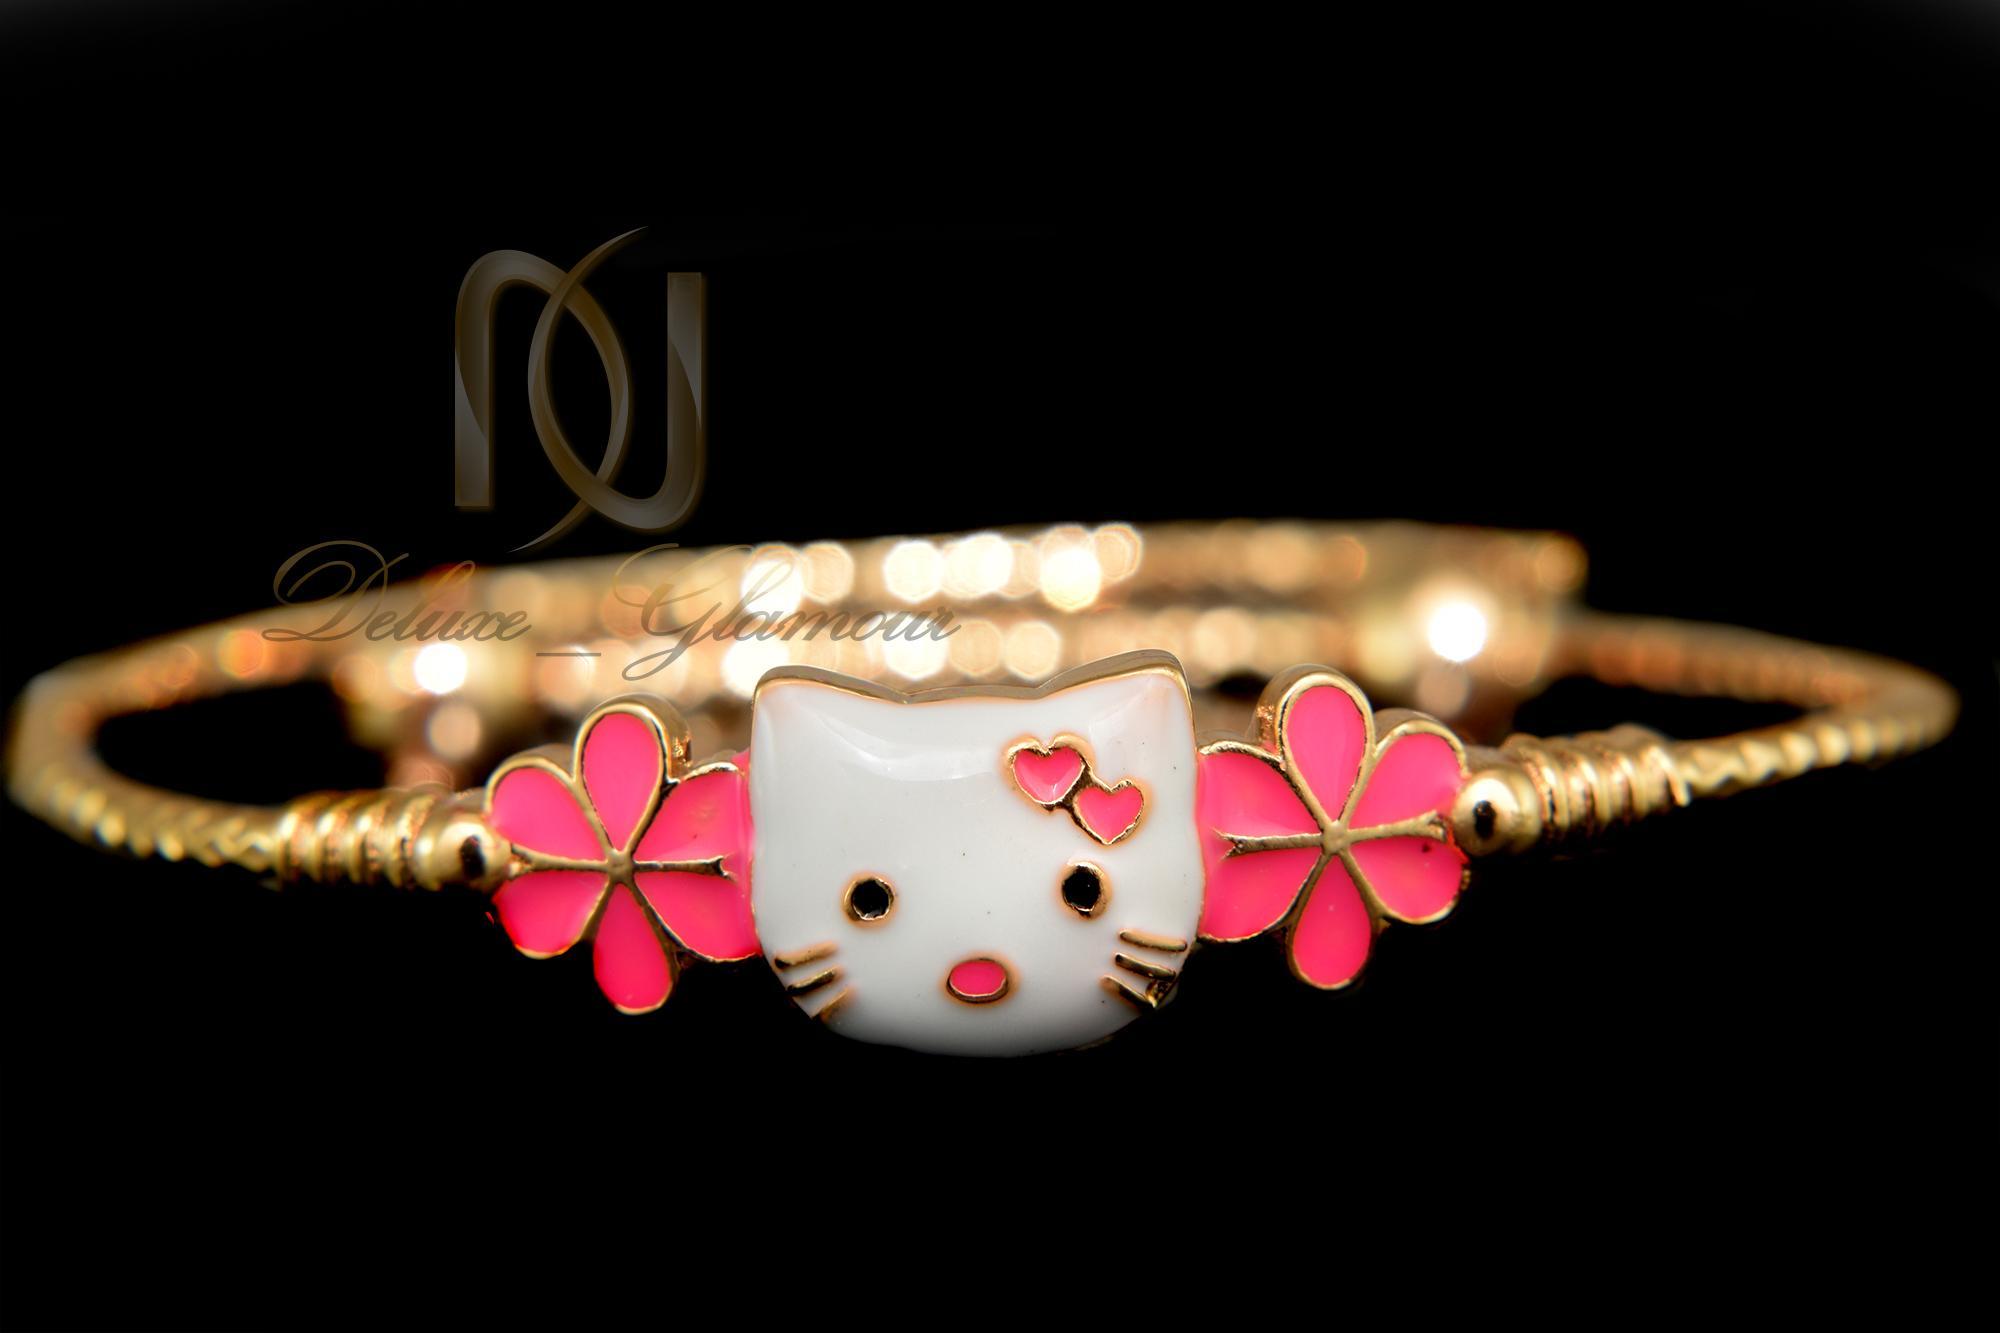 دستبند کودکانه طرح کیتی صورتی ds-n339 از نمای مشکی